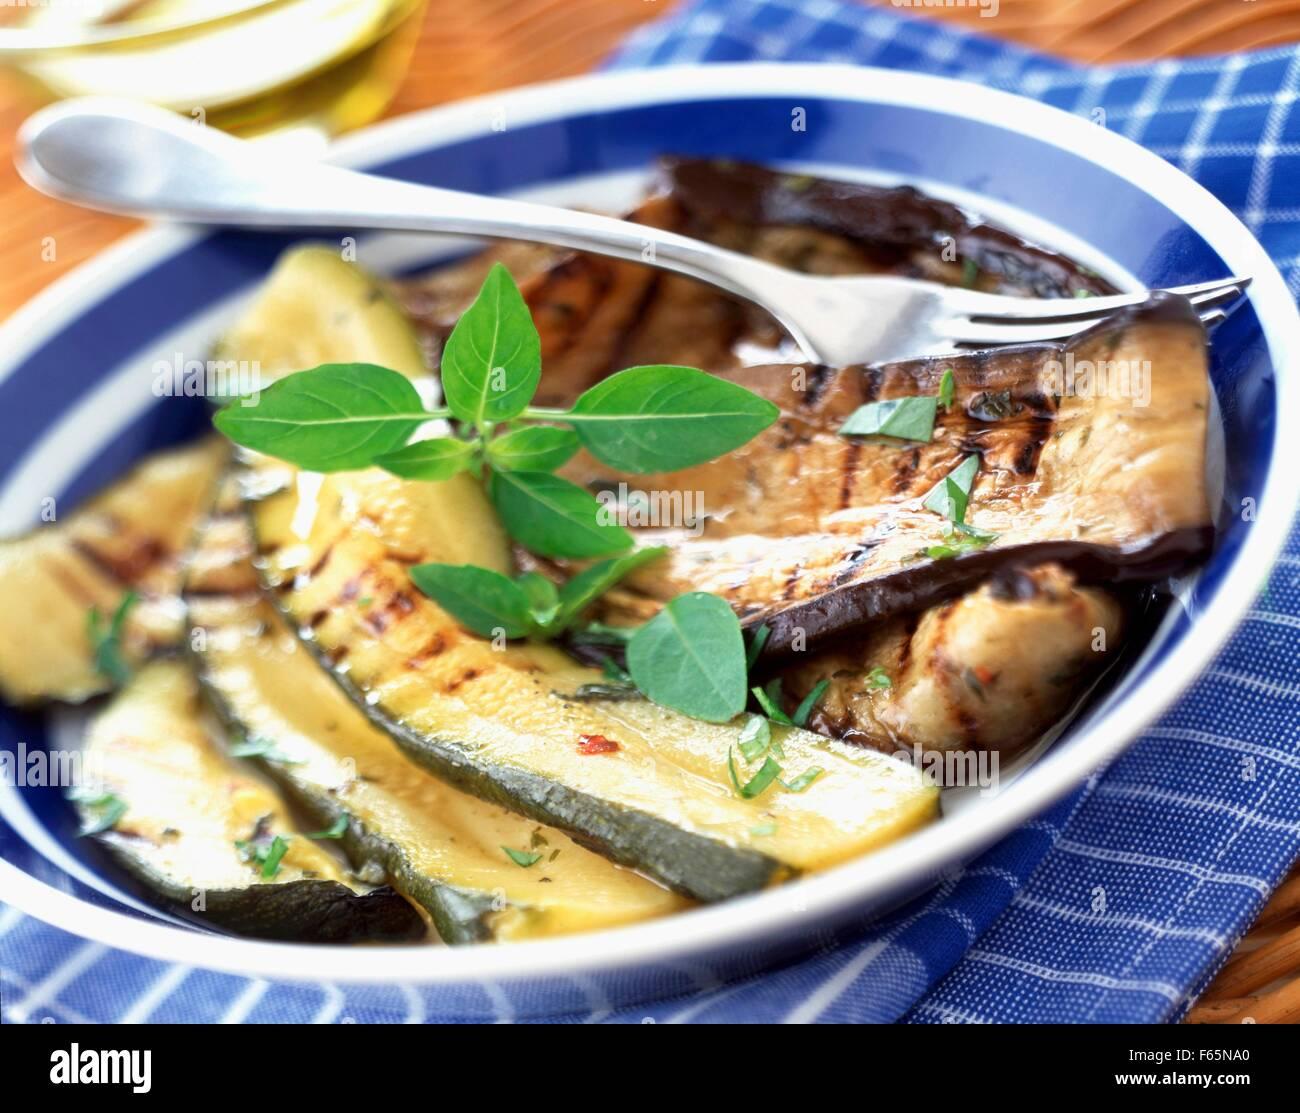 Courgettes grillées et antipasti d'aubergines Banque D'Images